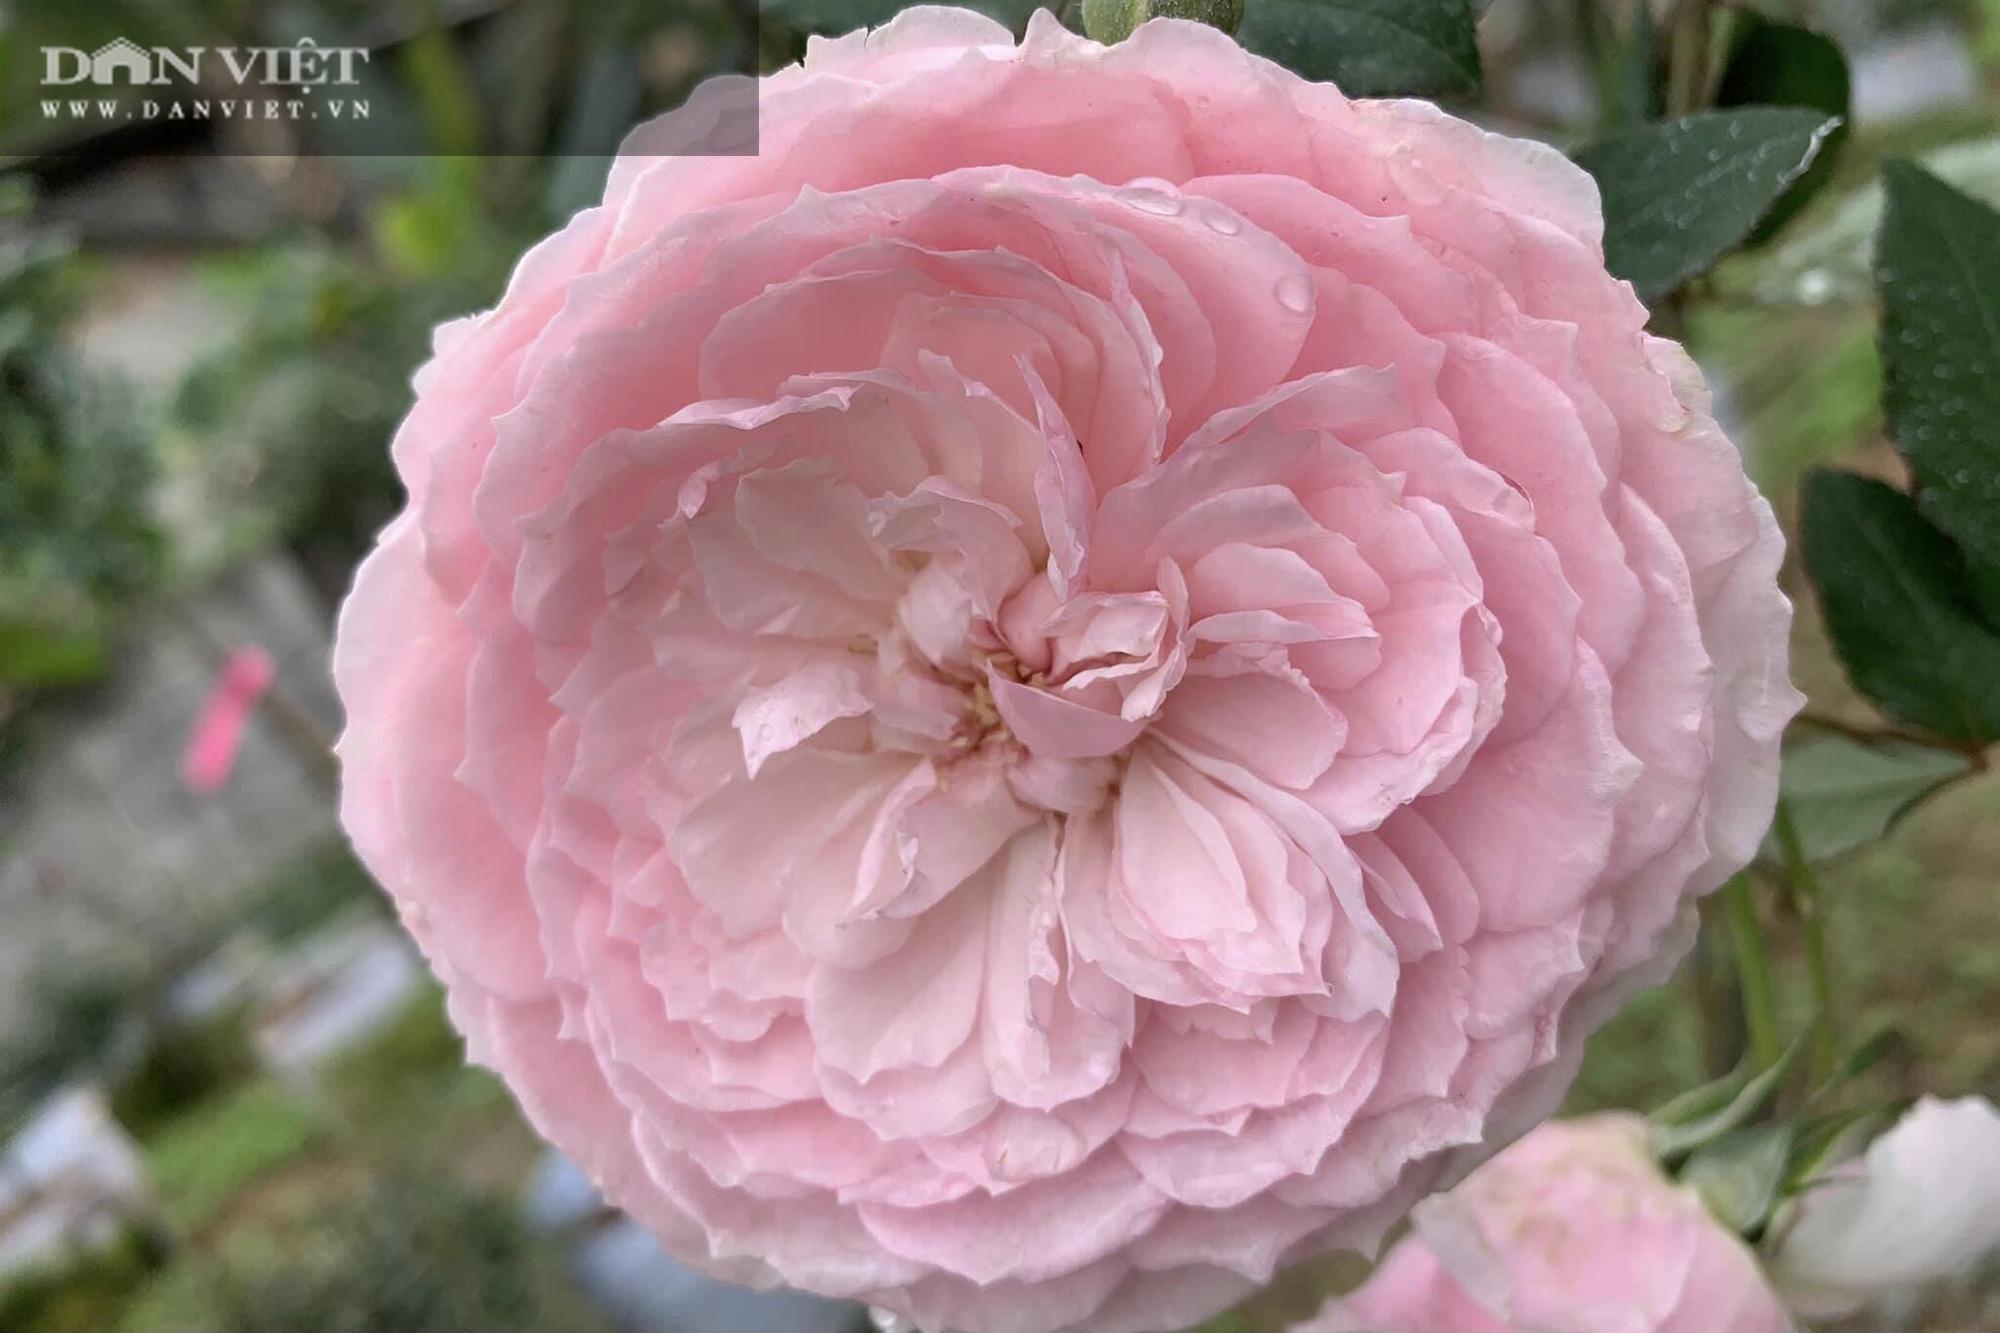 """Thái Nguyên: Trai trẻ 8X """"gác"""" bằng đại học về quê trồng thứ hoa thơm ngát cả vùng, kiếm hàng chục triệu đồng mỗi tháng - Ảnh 8."""